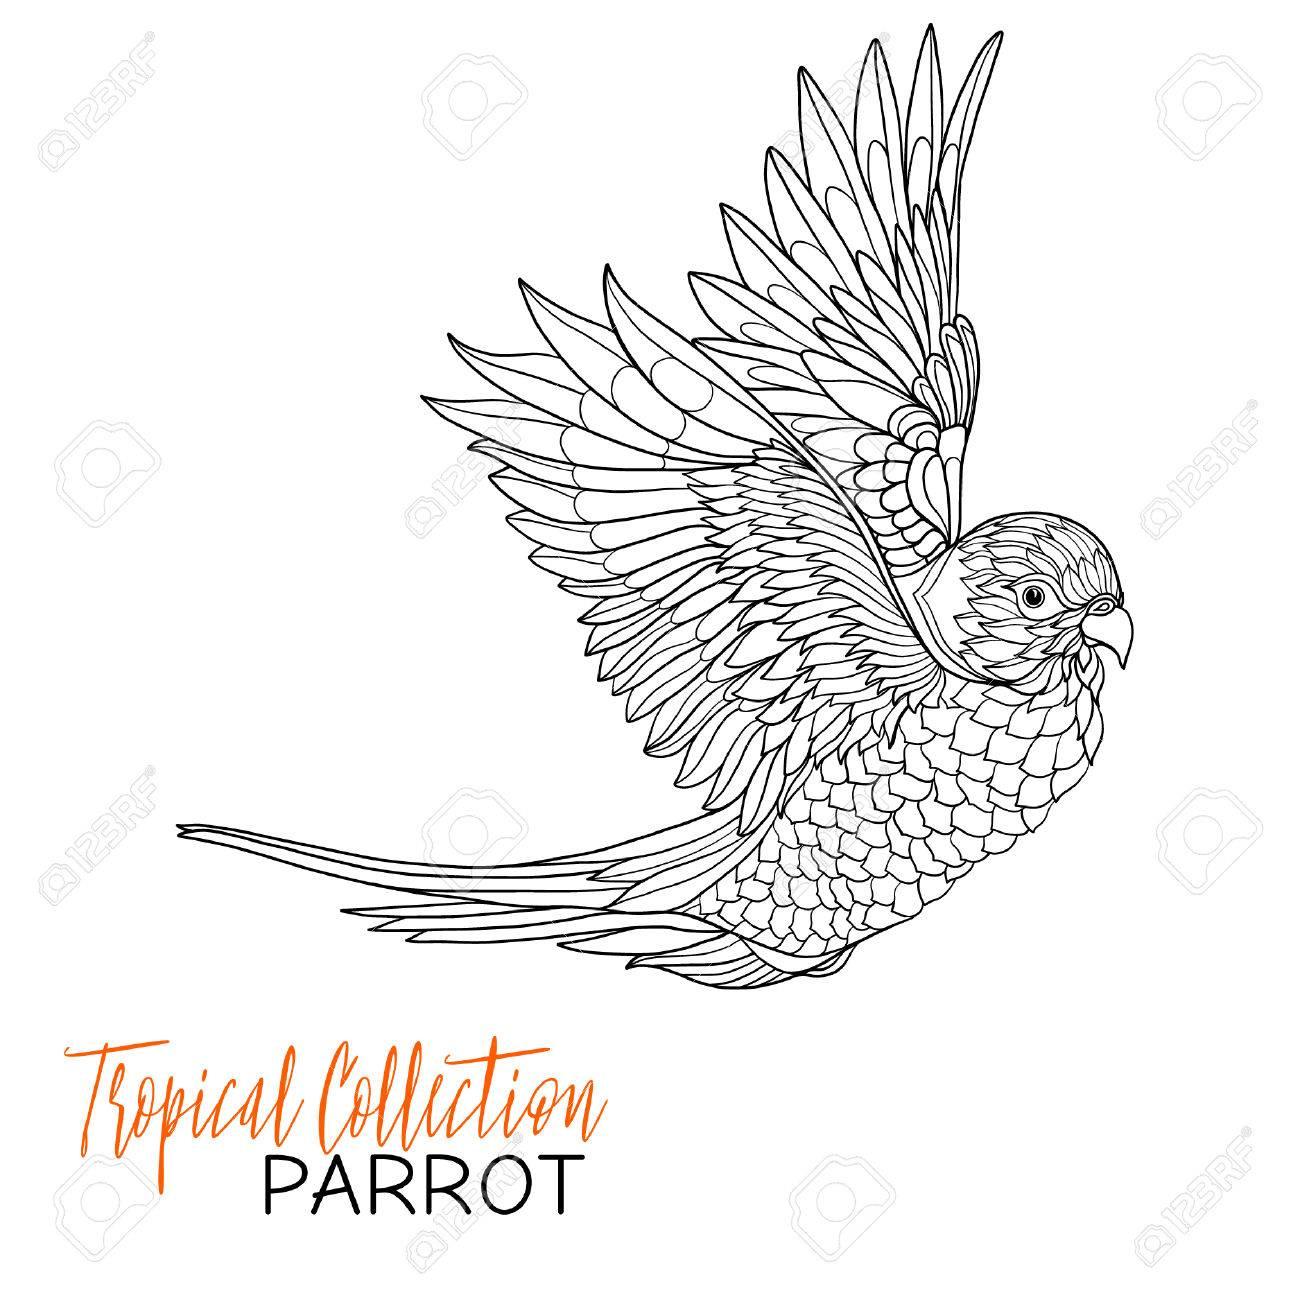 Perroquet Oiseaux Tropicaux Vector Illustration Livre à Colorier Pour Les Adultes Et Les Enfants Plus âgés Coloriage Dessin Au Trait